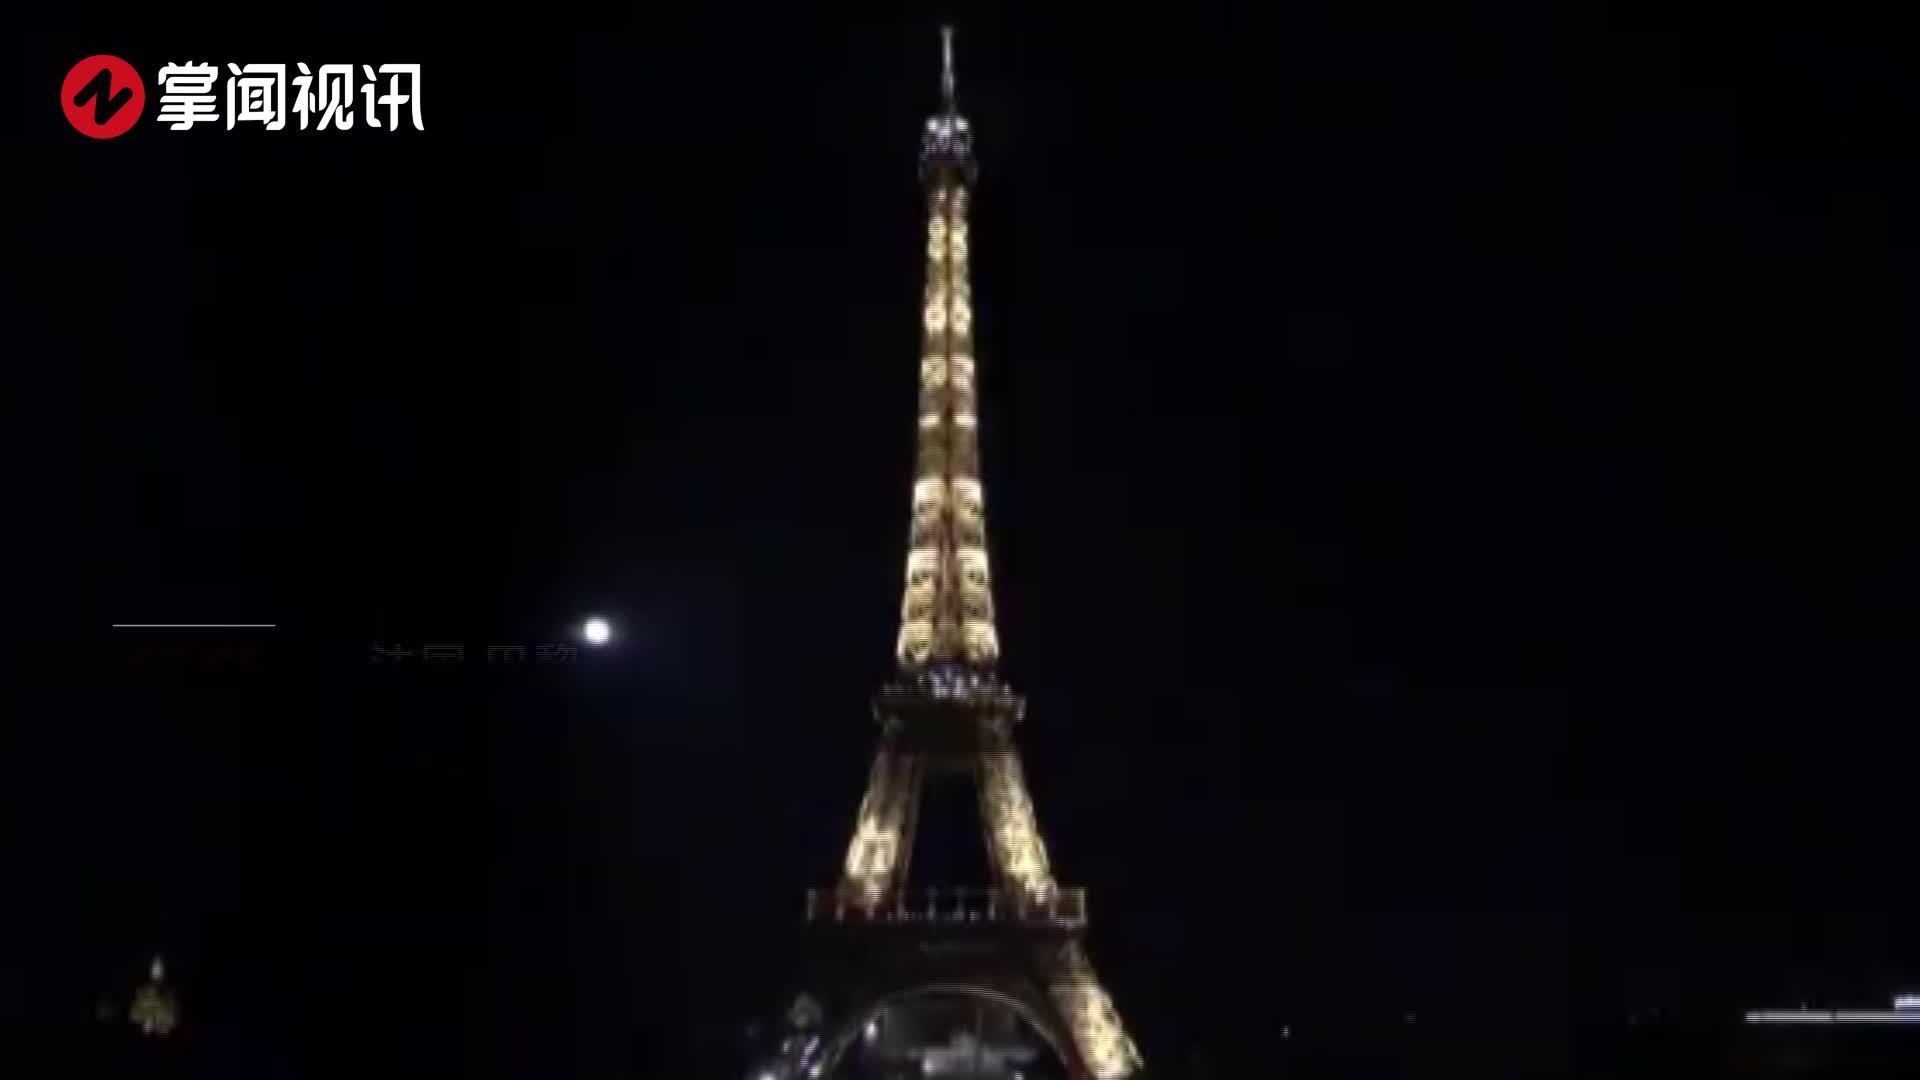 埃菲尔铁塔关灯悼念黎巴嫩爆炸遇难者 巴黎将提供10万欧元援助